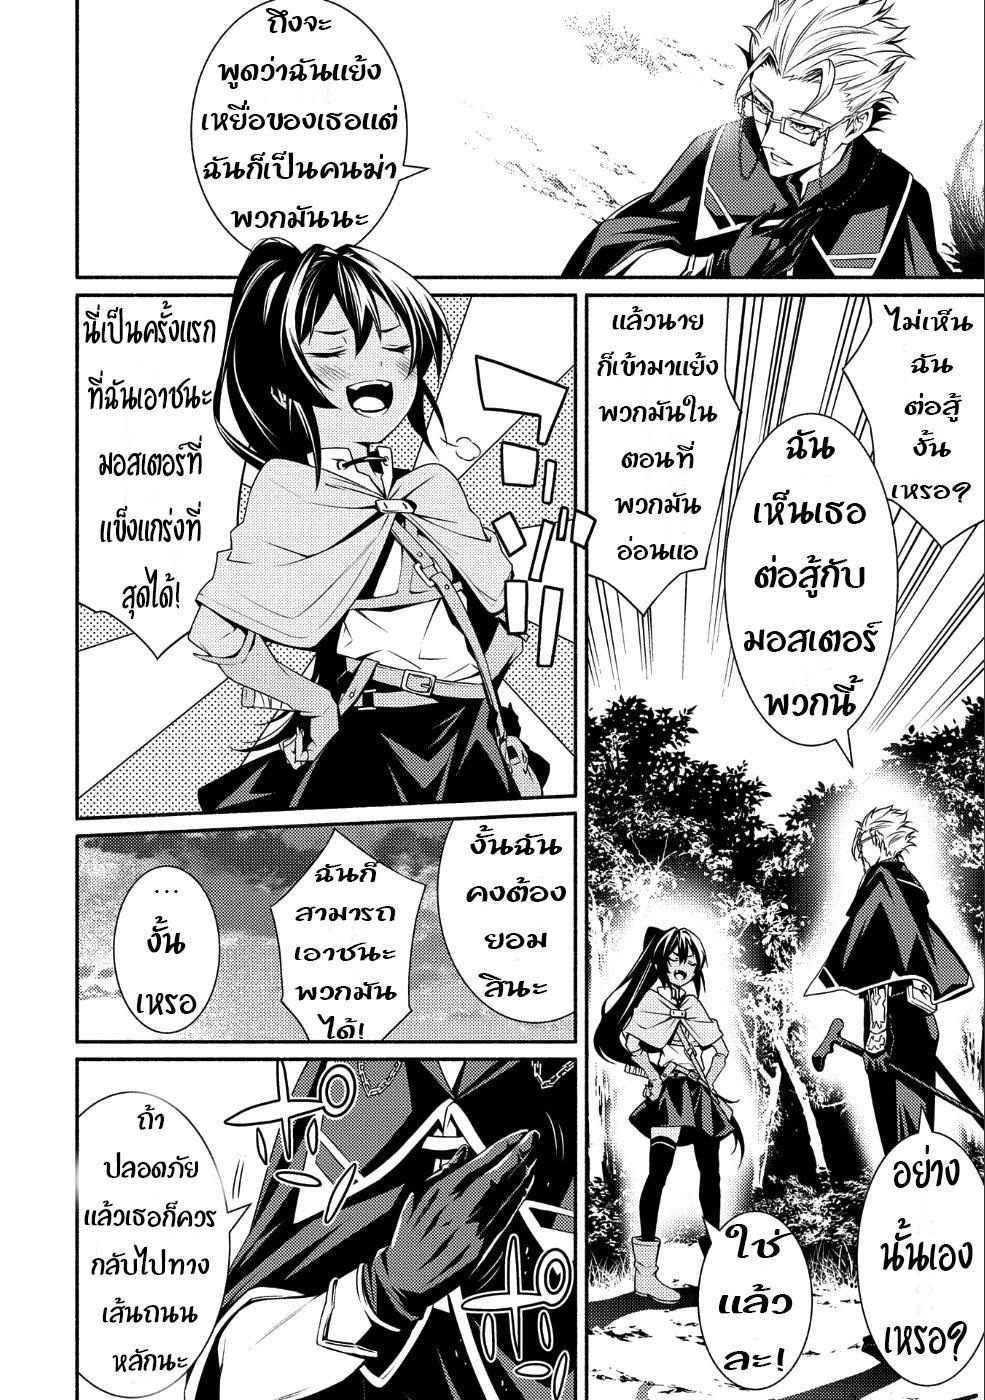 อ่านการ์ตูน Saikyou Party no Zatsuyougakari Ossan wa Muriyari Kyuuka o Tora Sareta you desu ตอนที่ 1 หน้าที่ 34